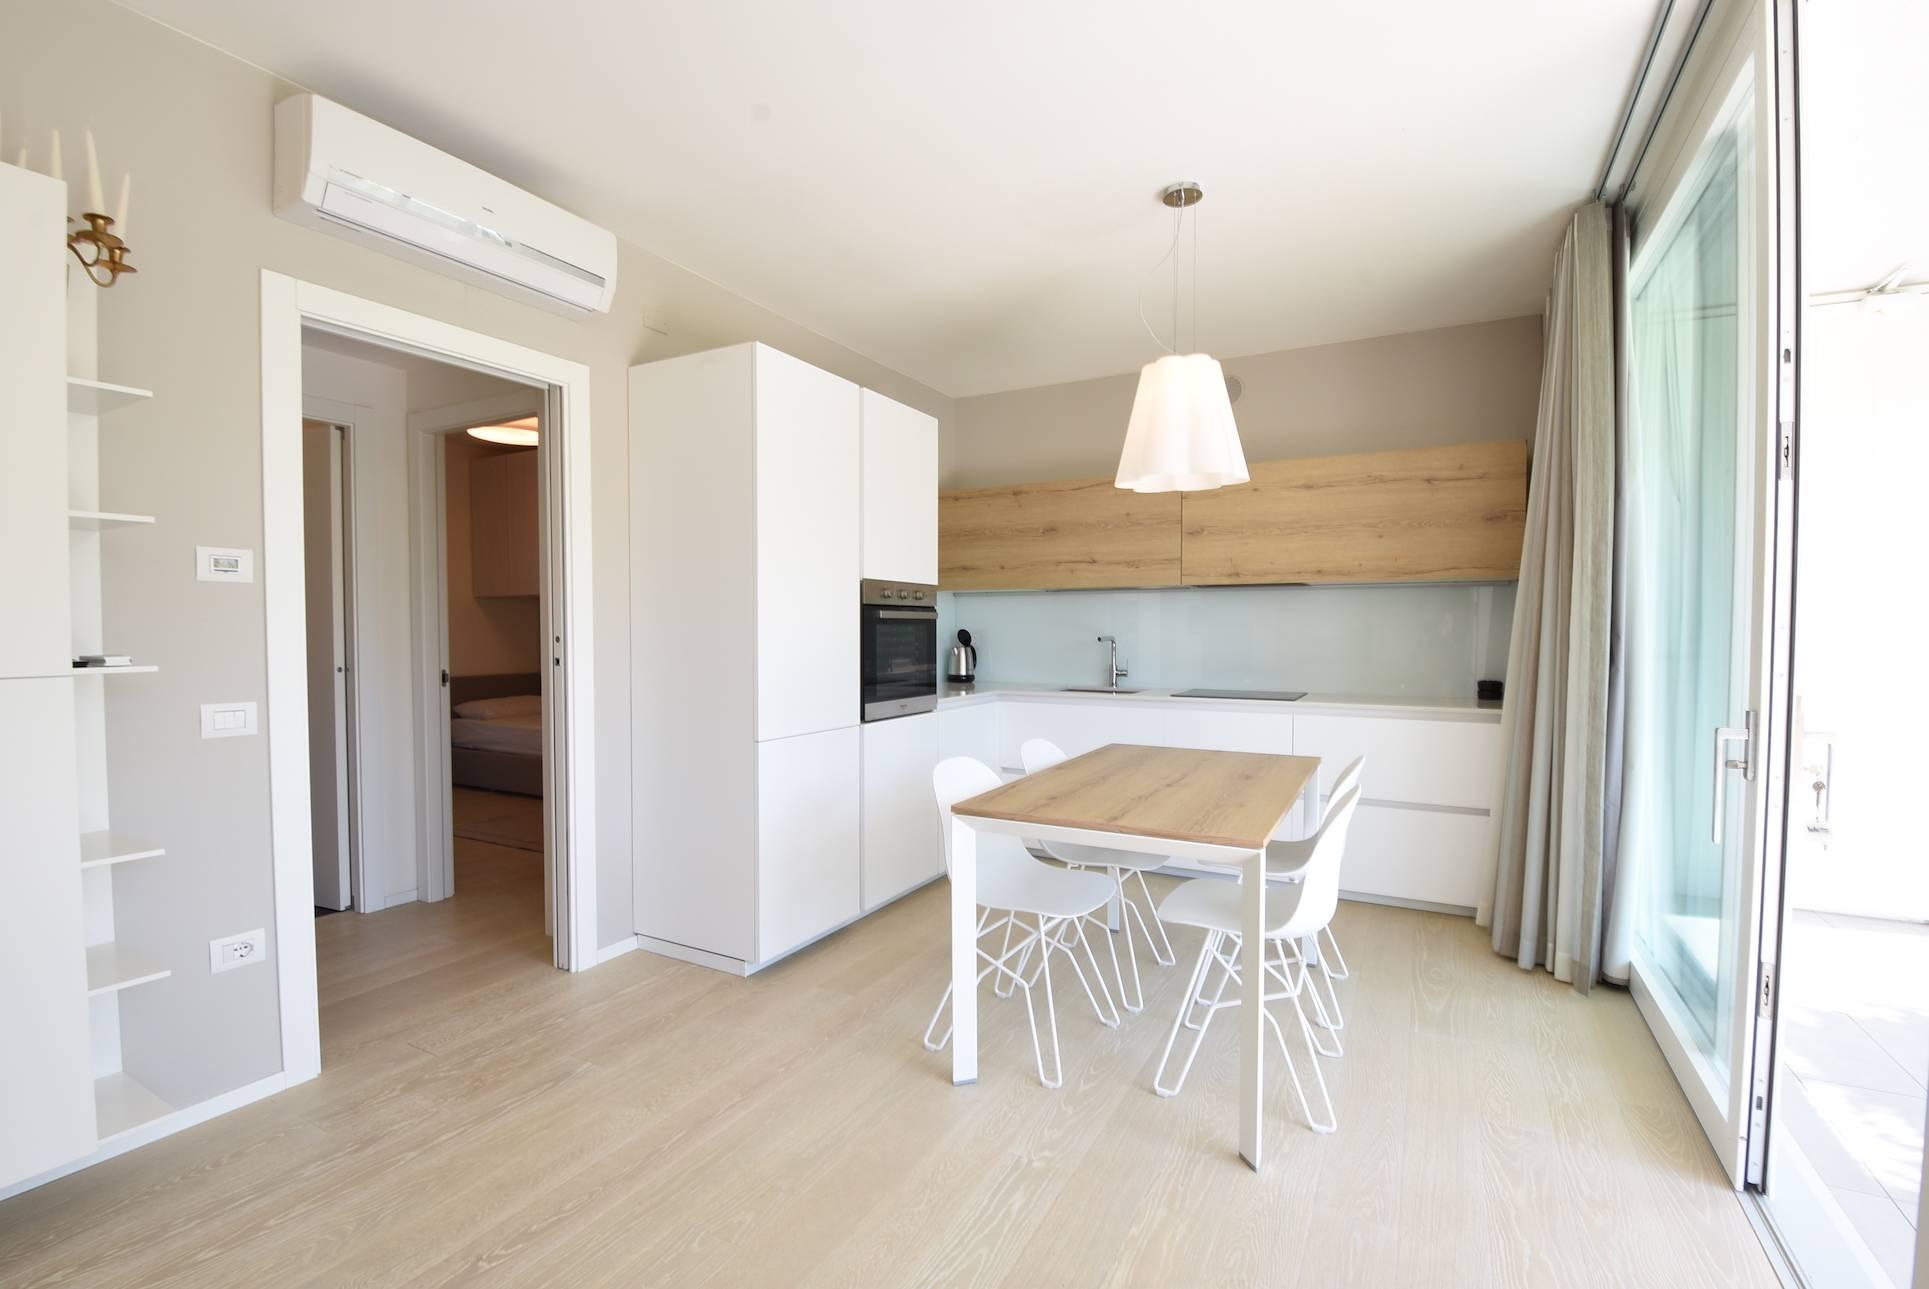 cucina-white-residence-590183233